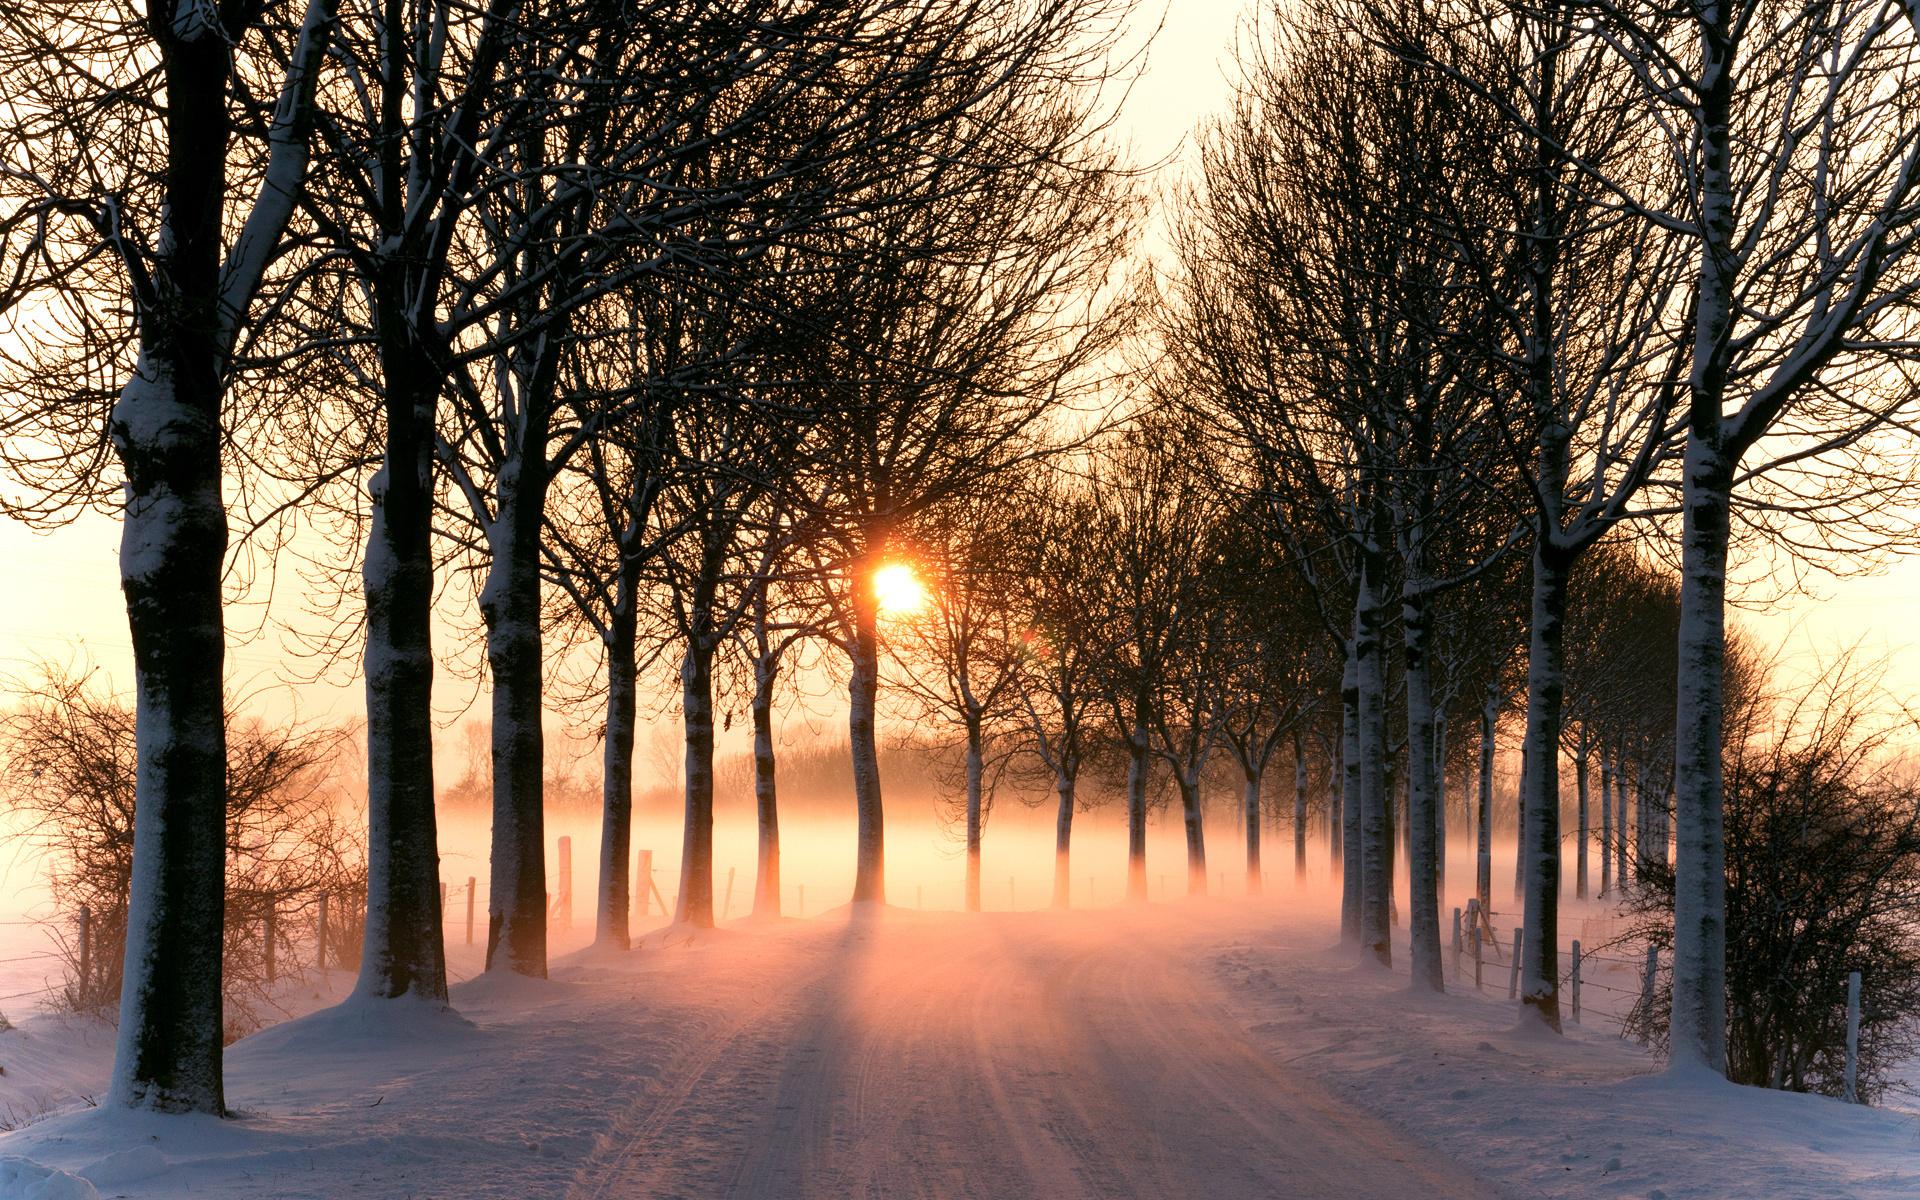 зима, снег, дорога